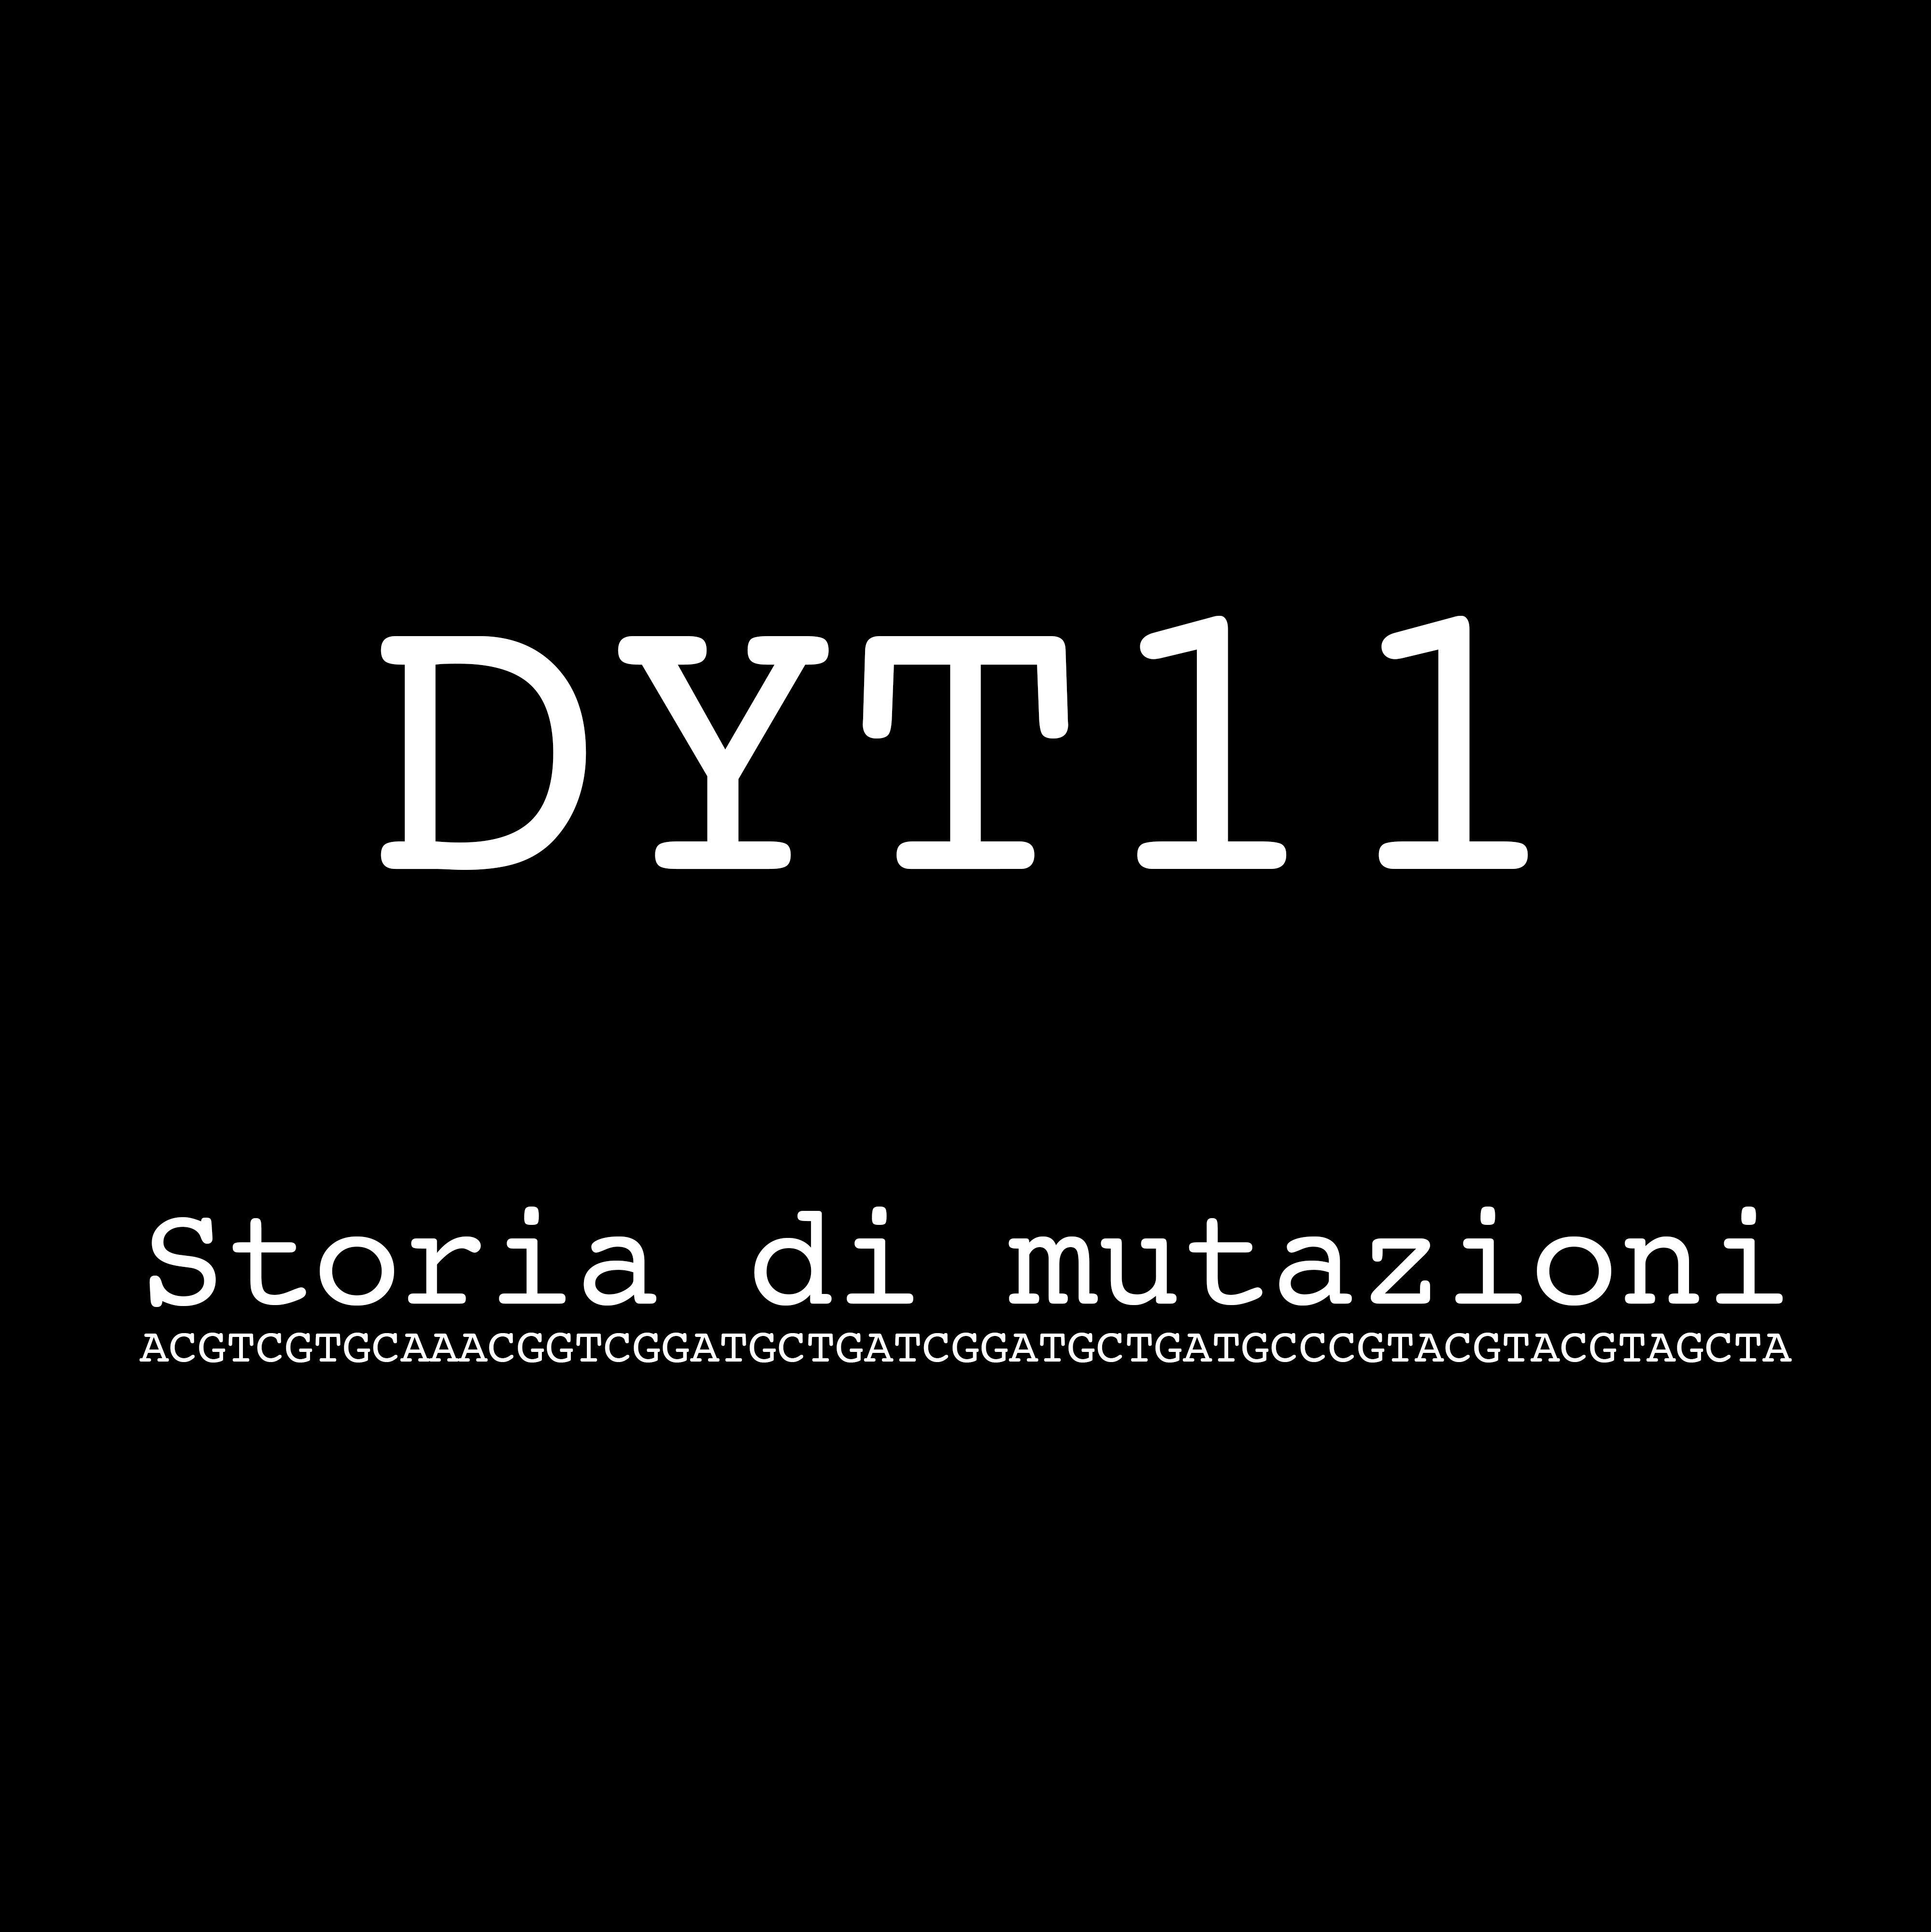 DYT11